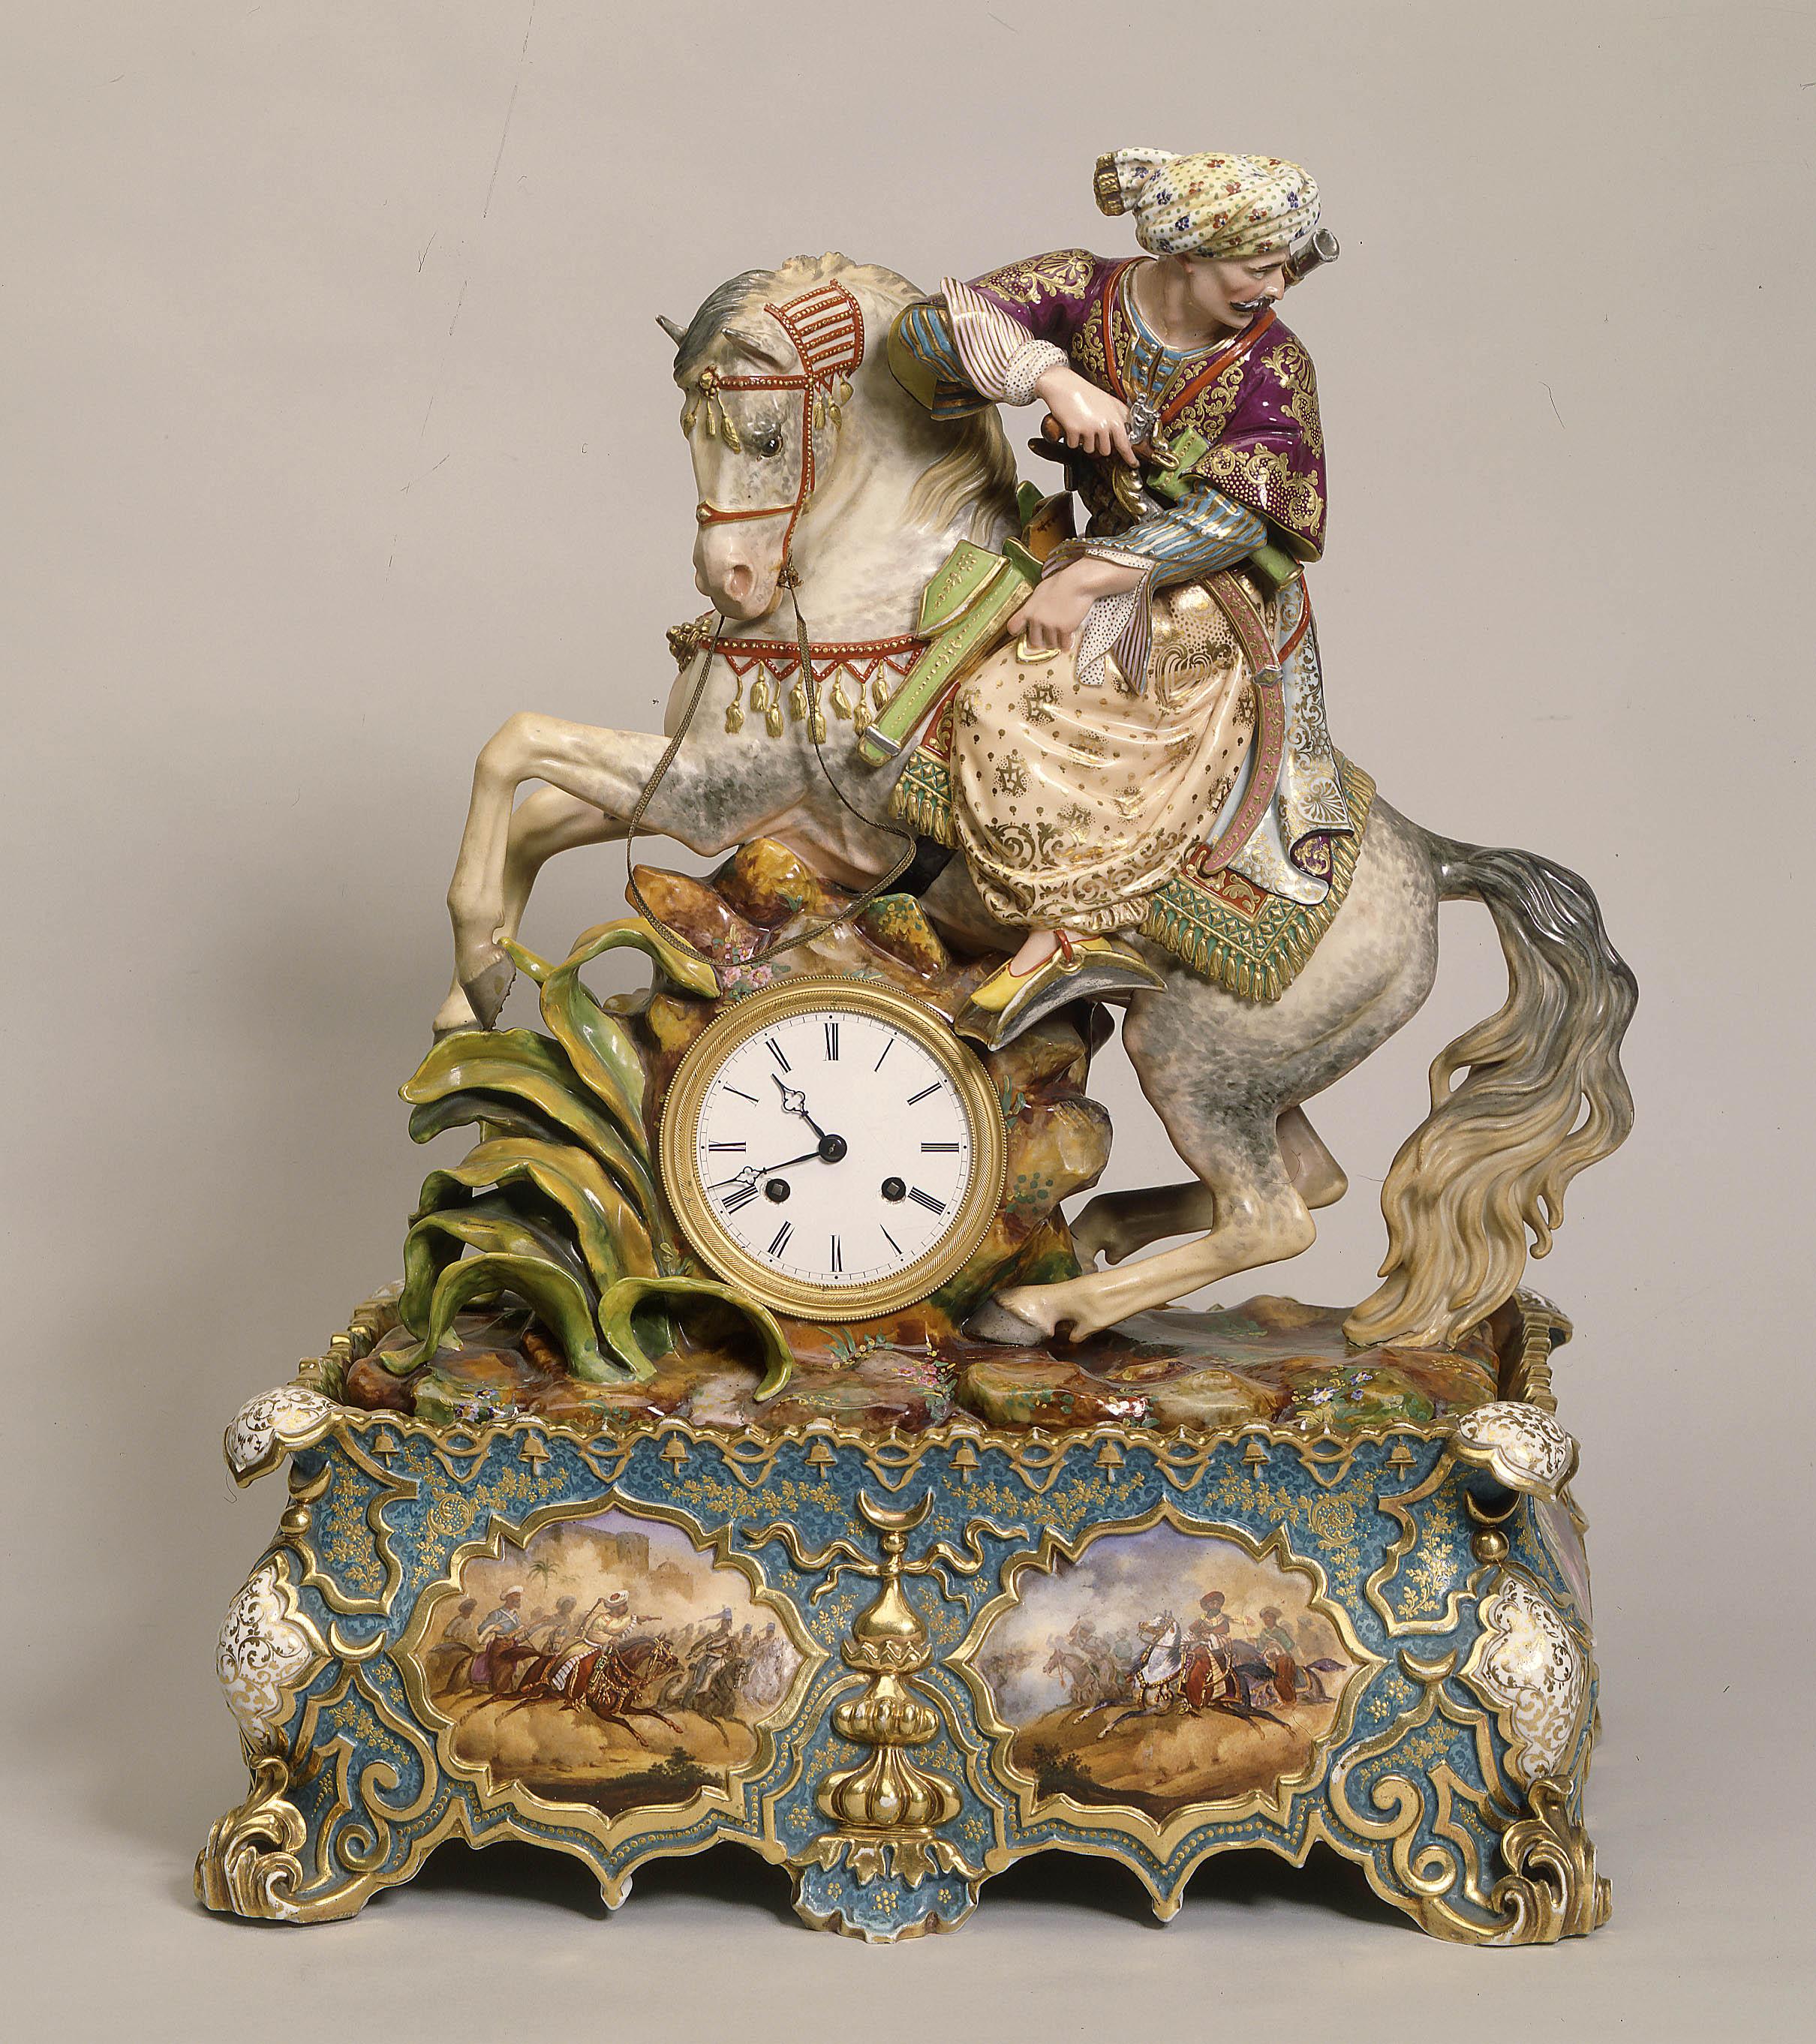 Jacob Petit - Mameluke clock